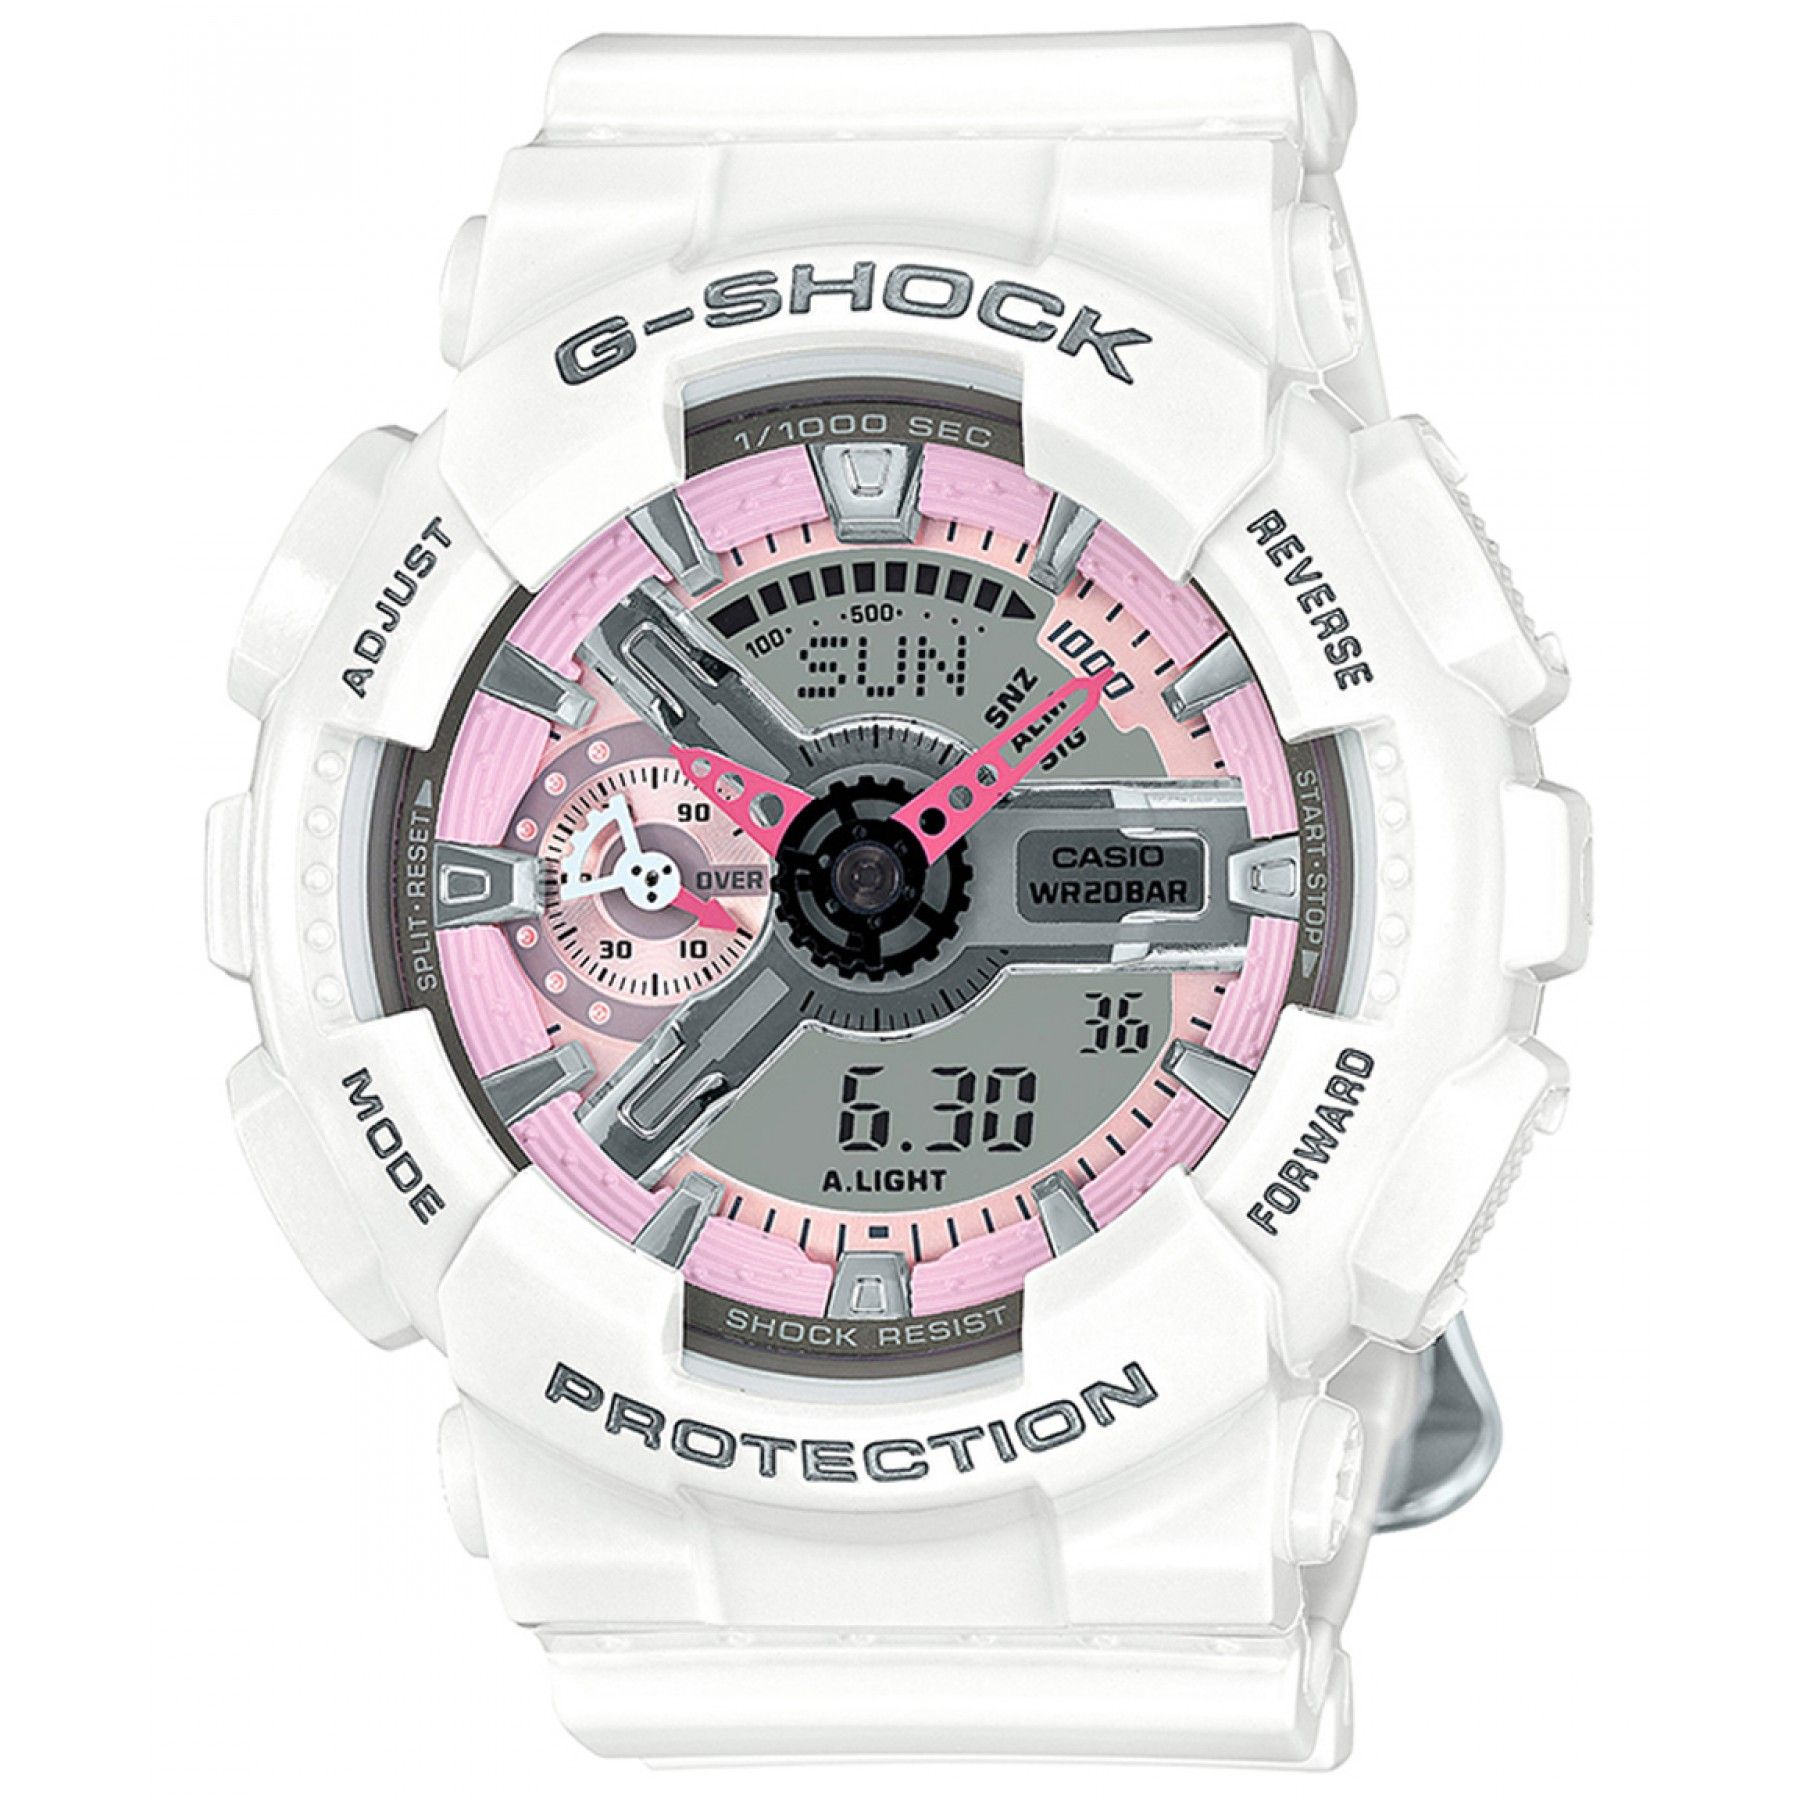 Reloj Casio con caja bisel y extensible tipo brazalete elaborado en resina  color blanco  carátula 7b0ebce26c3